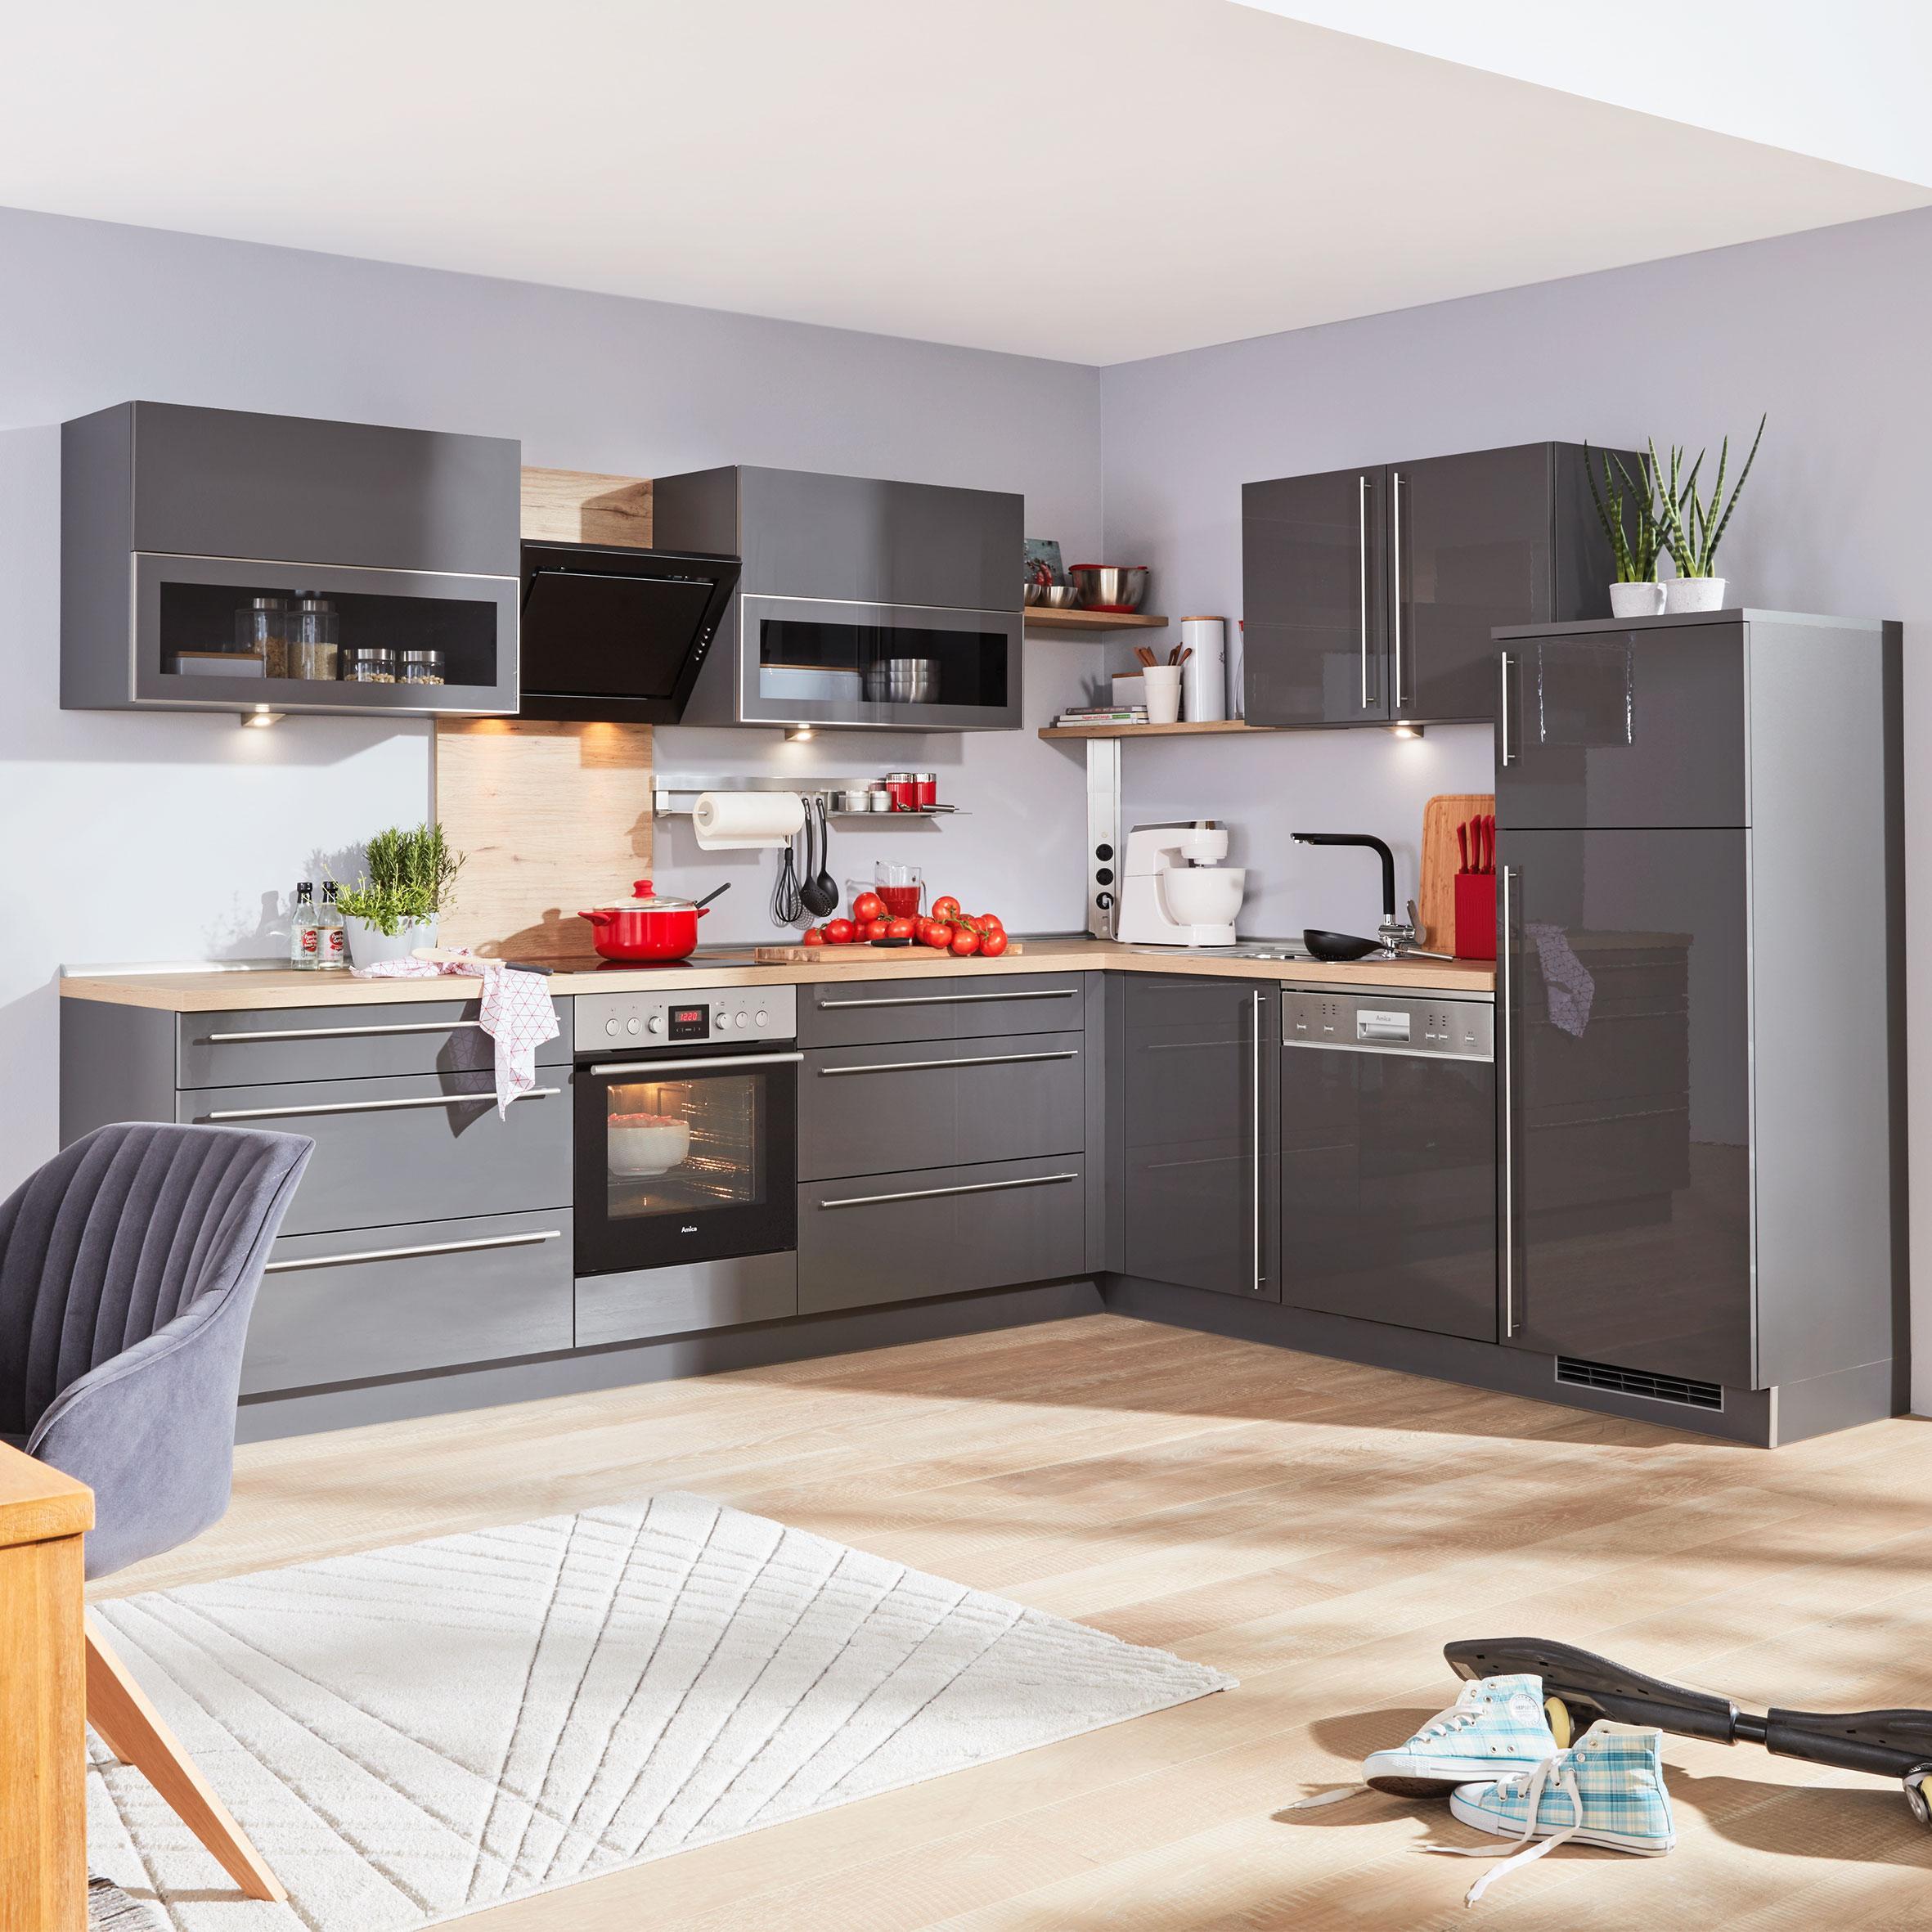 Eckküche Nolte Lux Grau   Grau (235/305cm)   Nolte Küchen